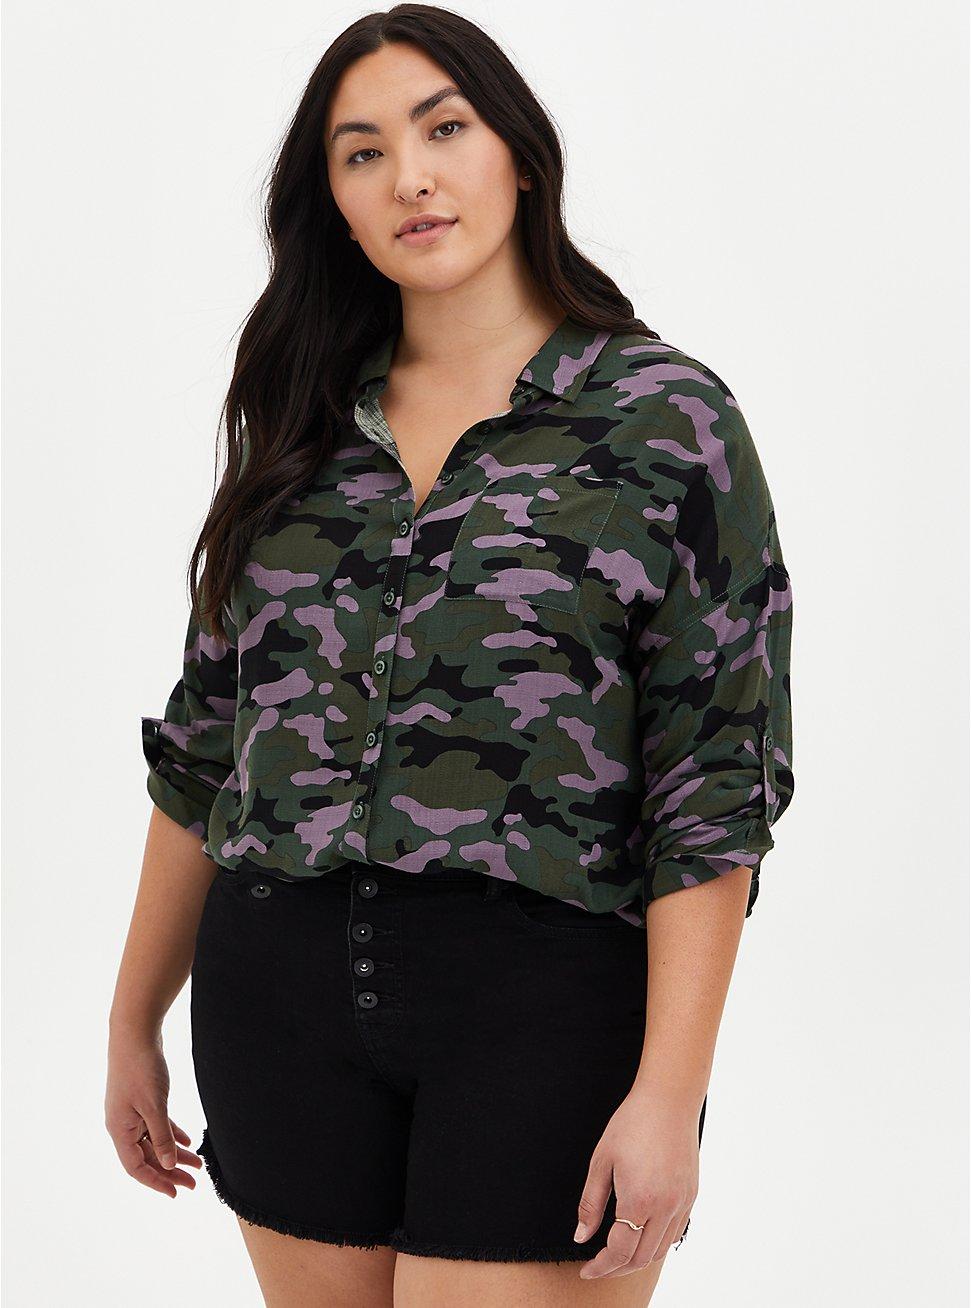 Drop Shoulder Button-Front Top - Camo, CAMO-GREEN, hi-res